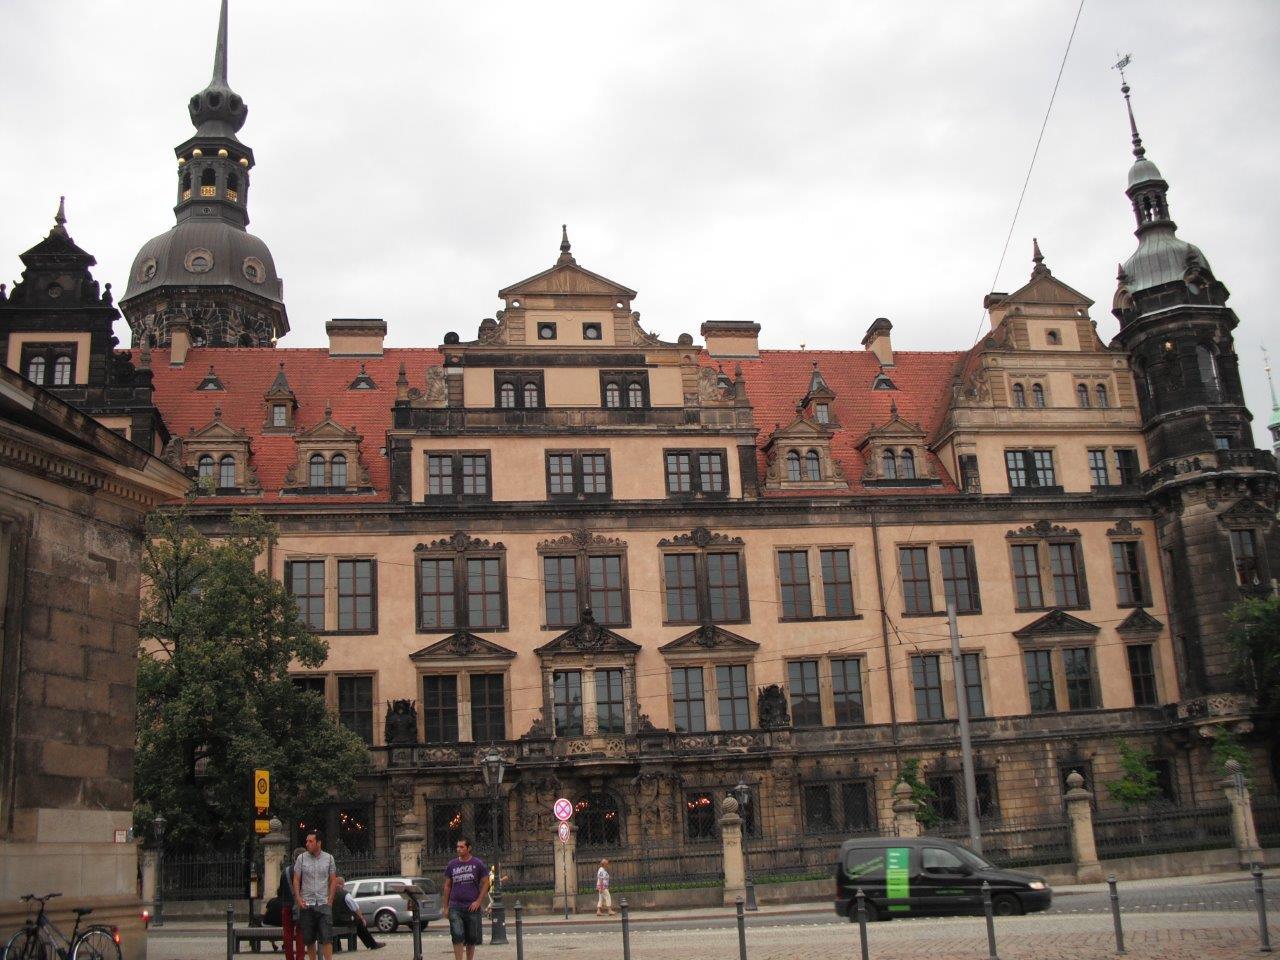 Besucherzahlen in den Museen der Staatlichen Kunstammlungen Dresden (SKD) 2010